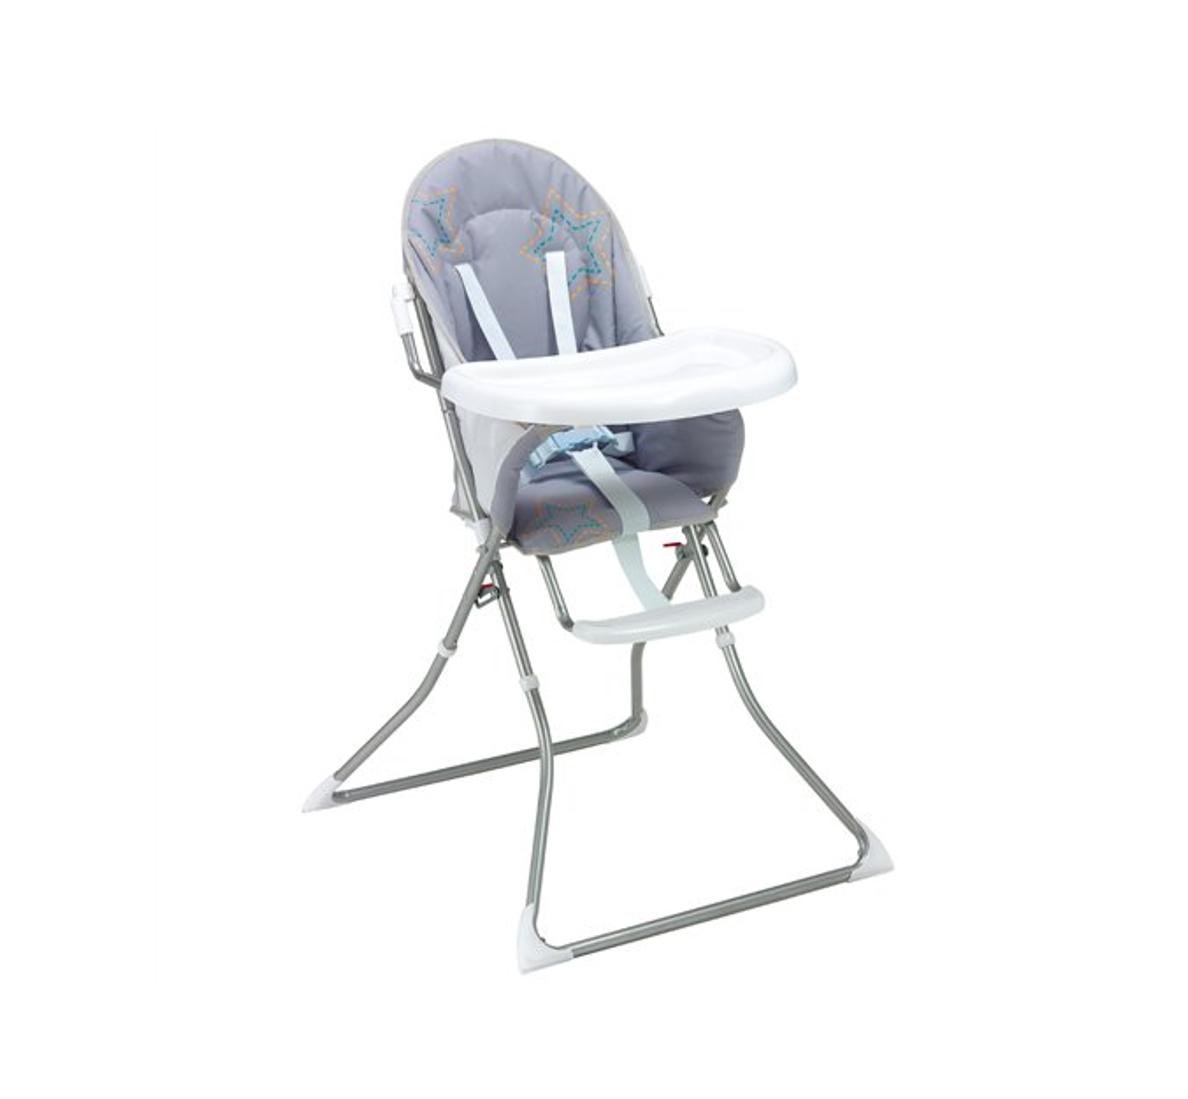 Chaise Haute Star De Babybus Par Autour De Bebe Chaise Haute Chaise Haute Bebe Chaise